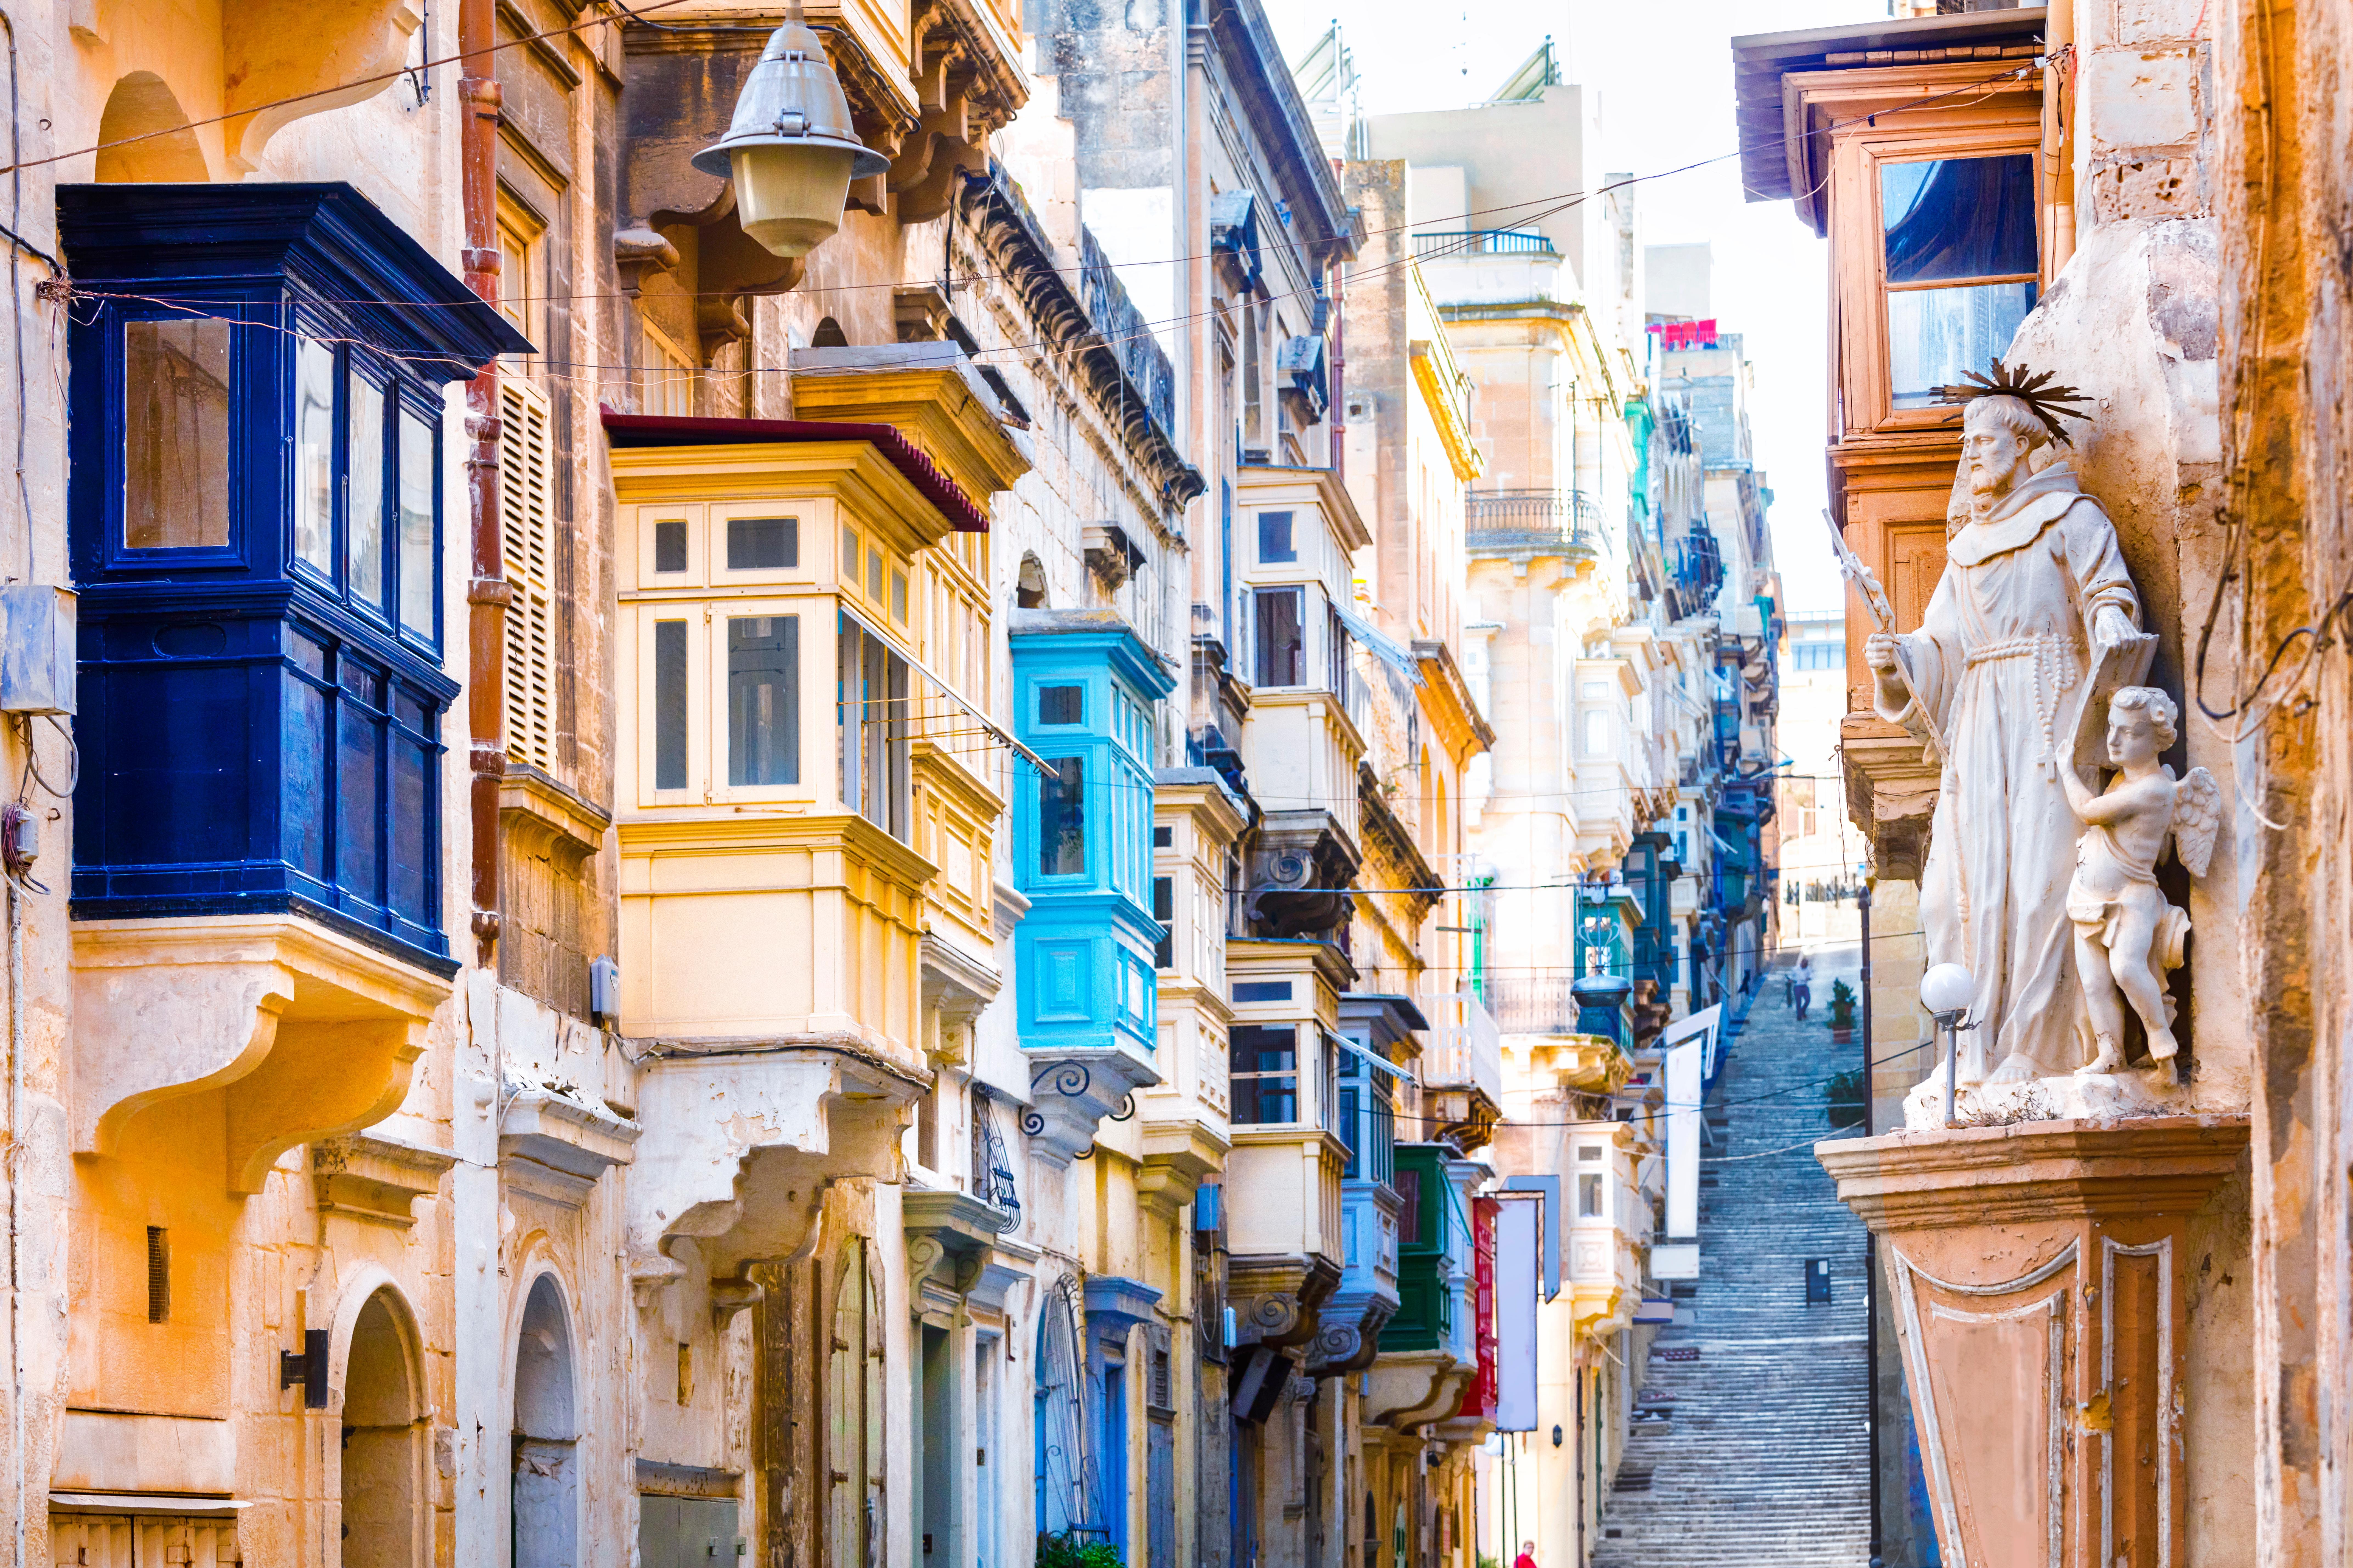 Guíñale un ojo al futuro en La Valeta - Malta Circuito Maravillas de Malta